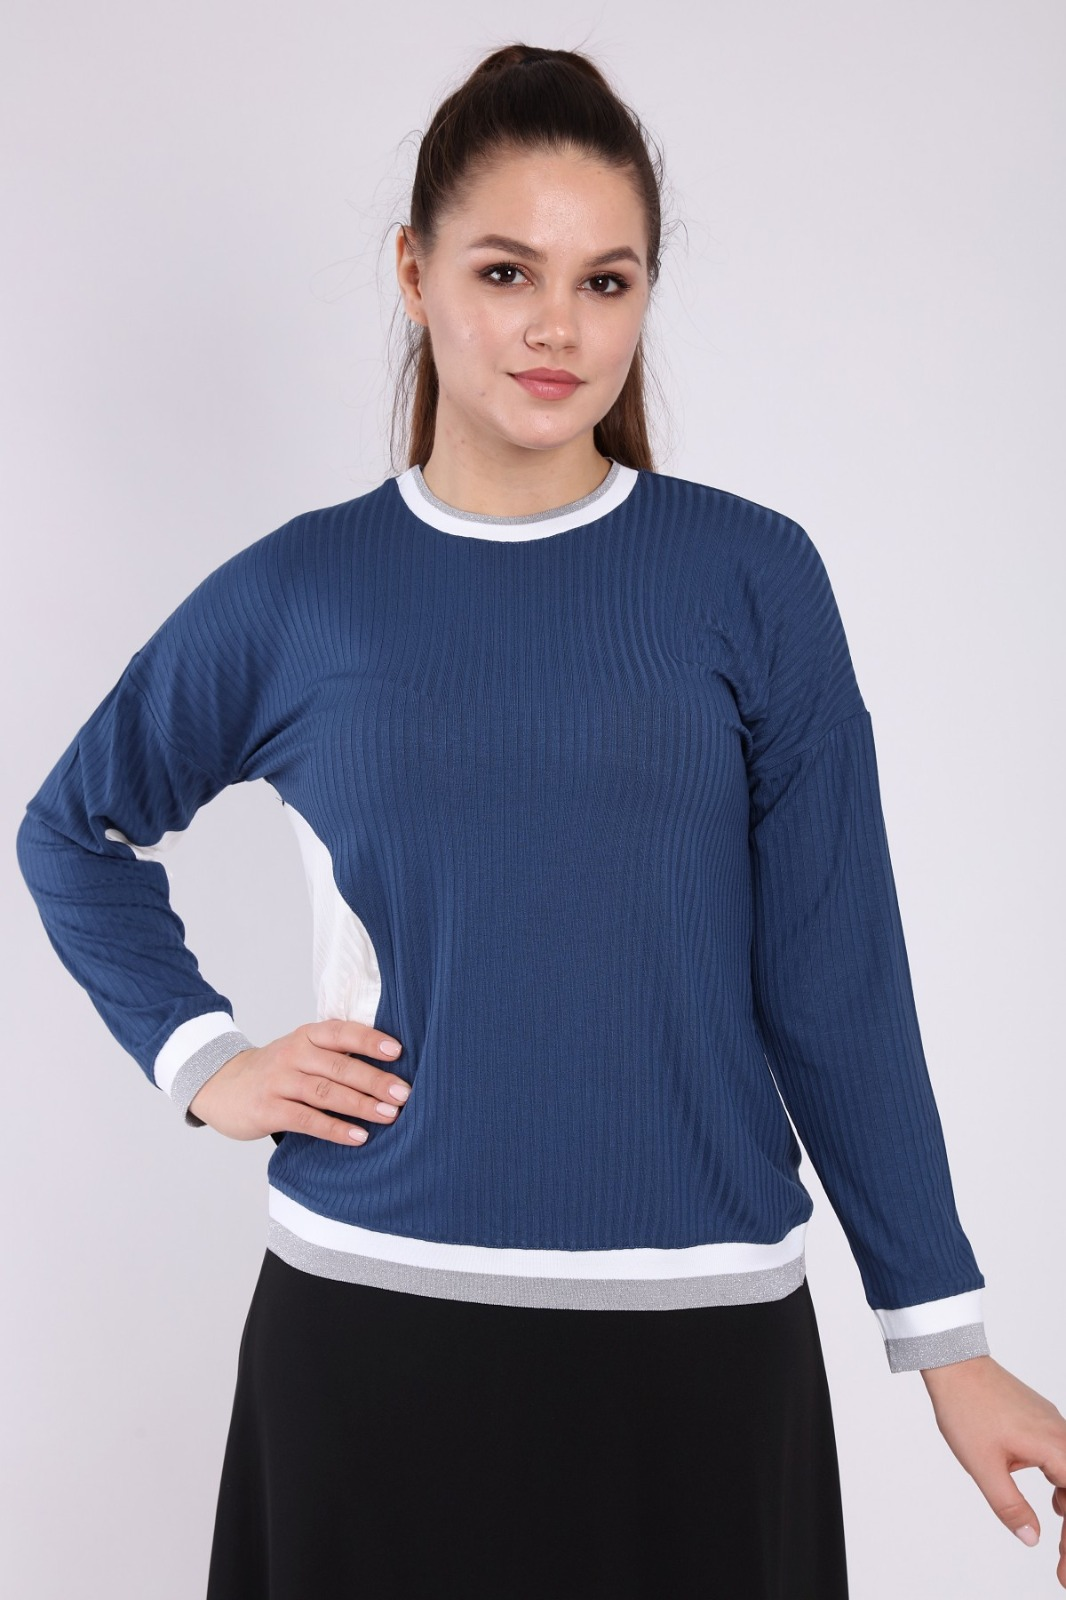 בגדי בית ליידיס - עליונית כחול עיגול לבן קולקציית 2021 דגם H001